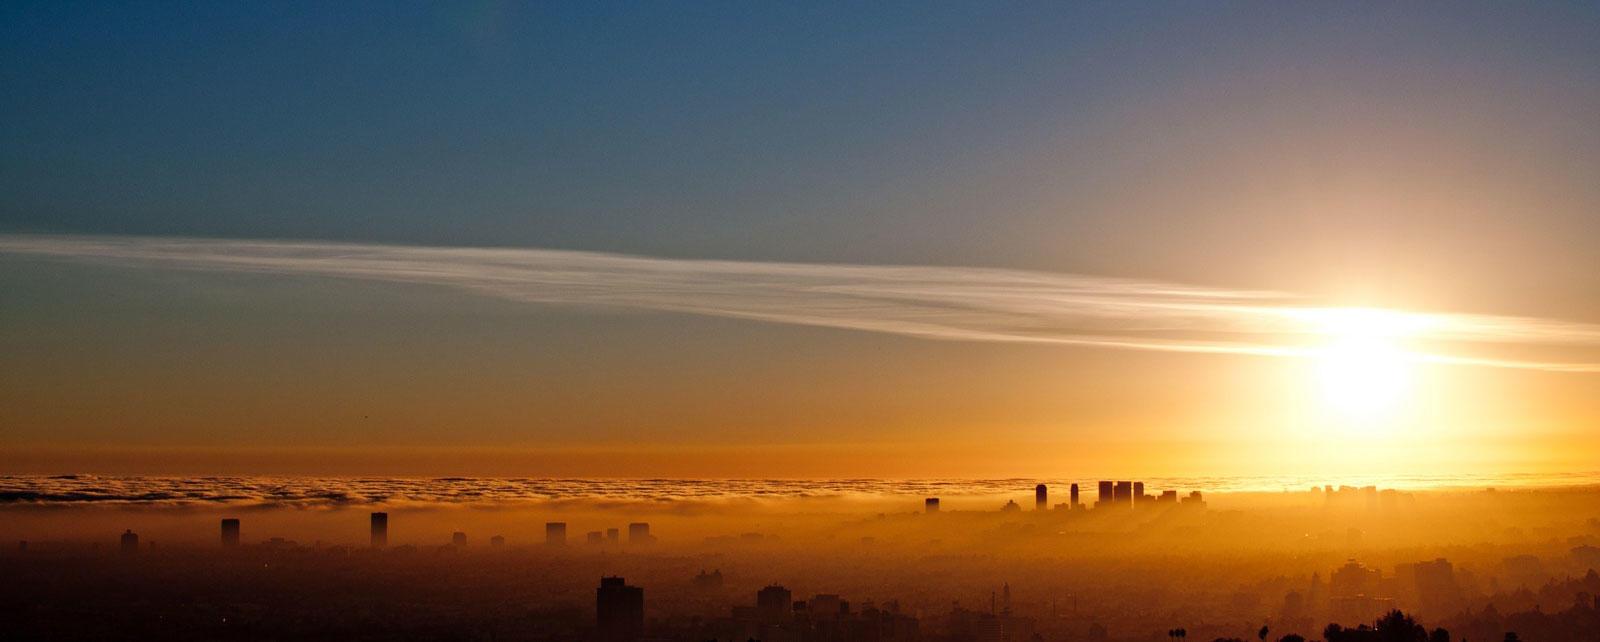 West coast smog